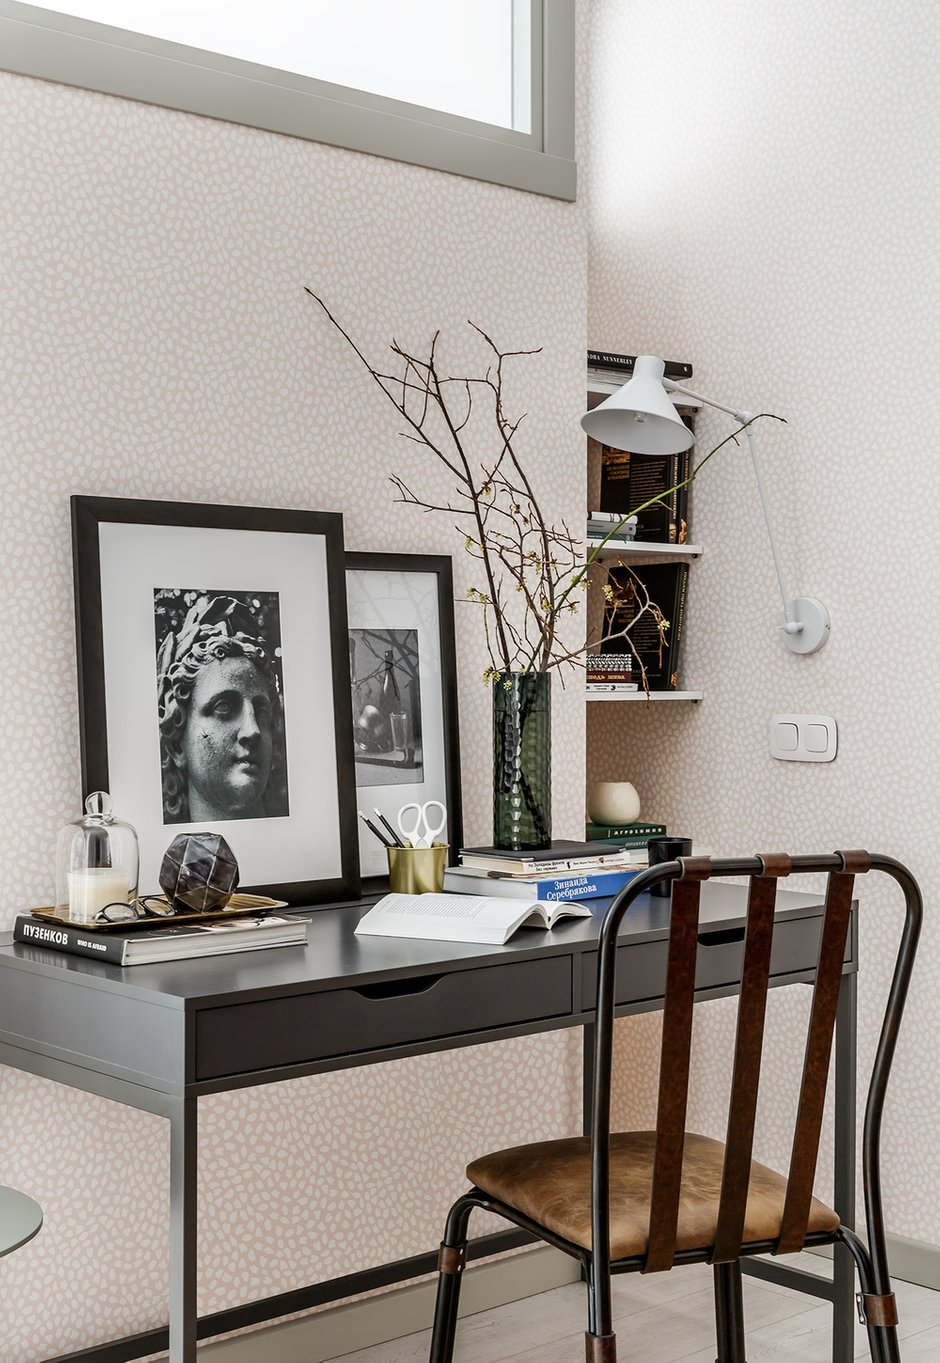 Фотография: Кабинет в стиле Современный, Квартира, Проект недели, Москва, Монолитный дом, 2 комнаты, 40-60 метров, Мария Безрукова – фото на INMYROOM